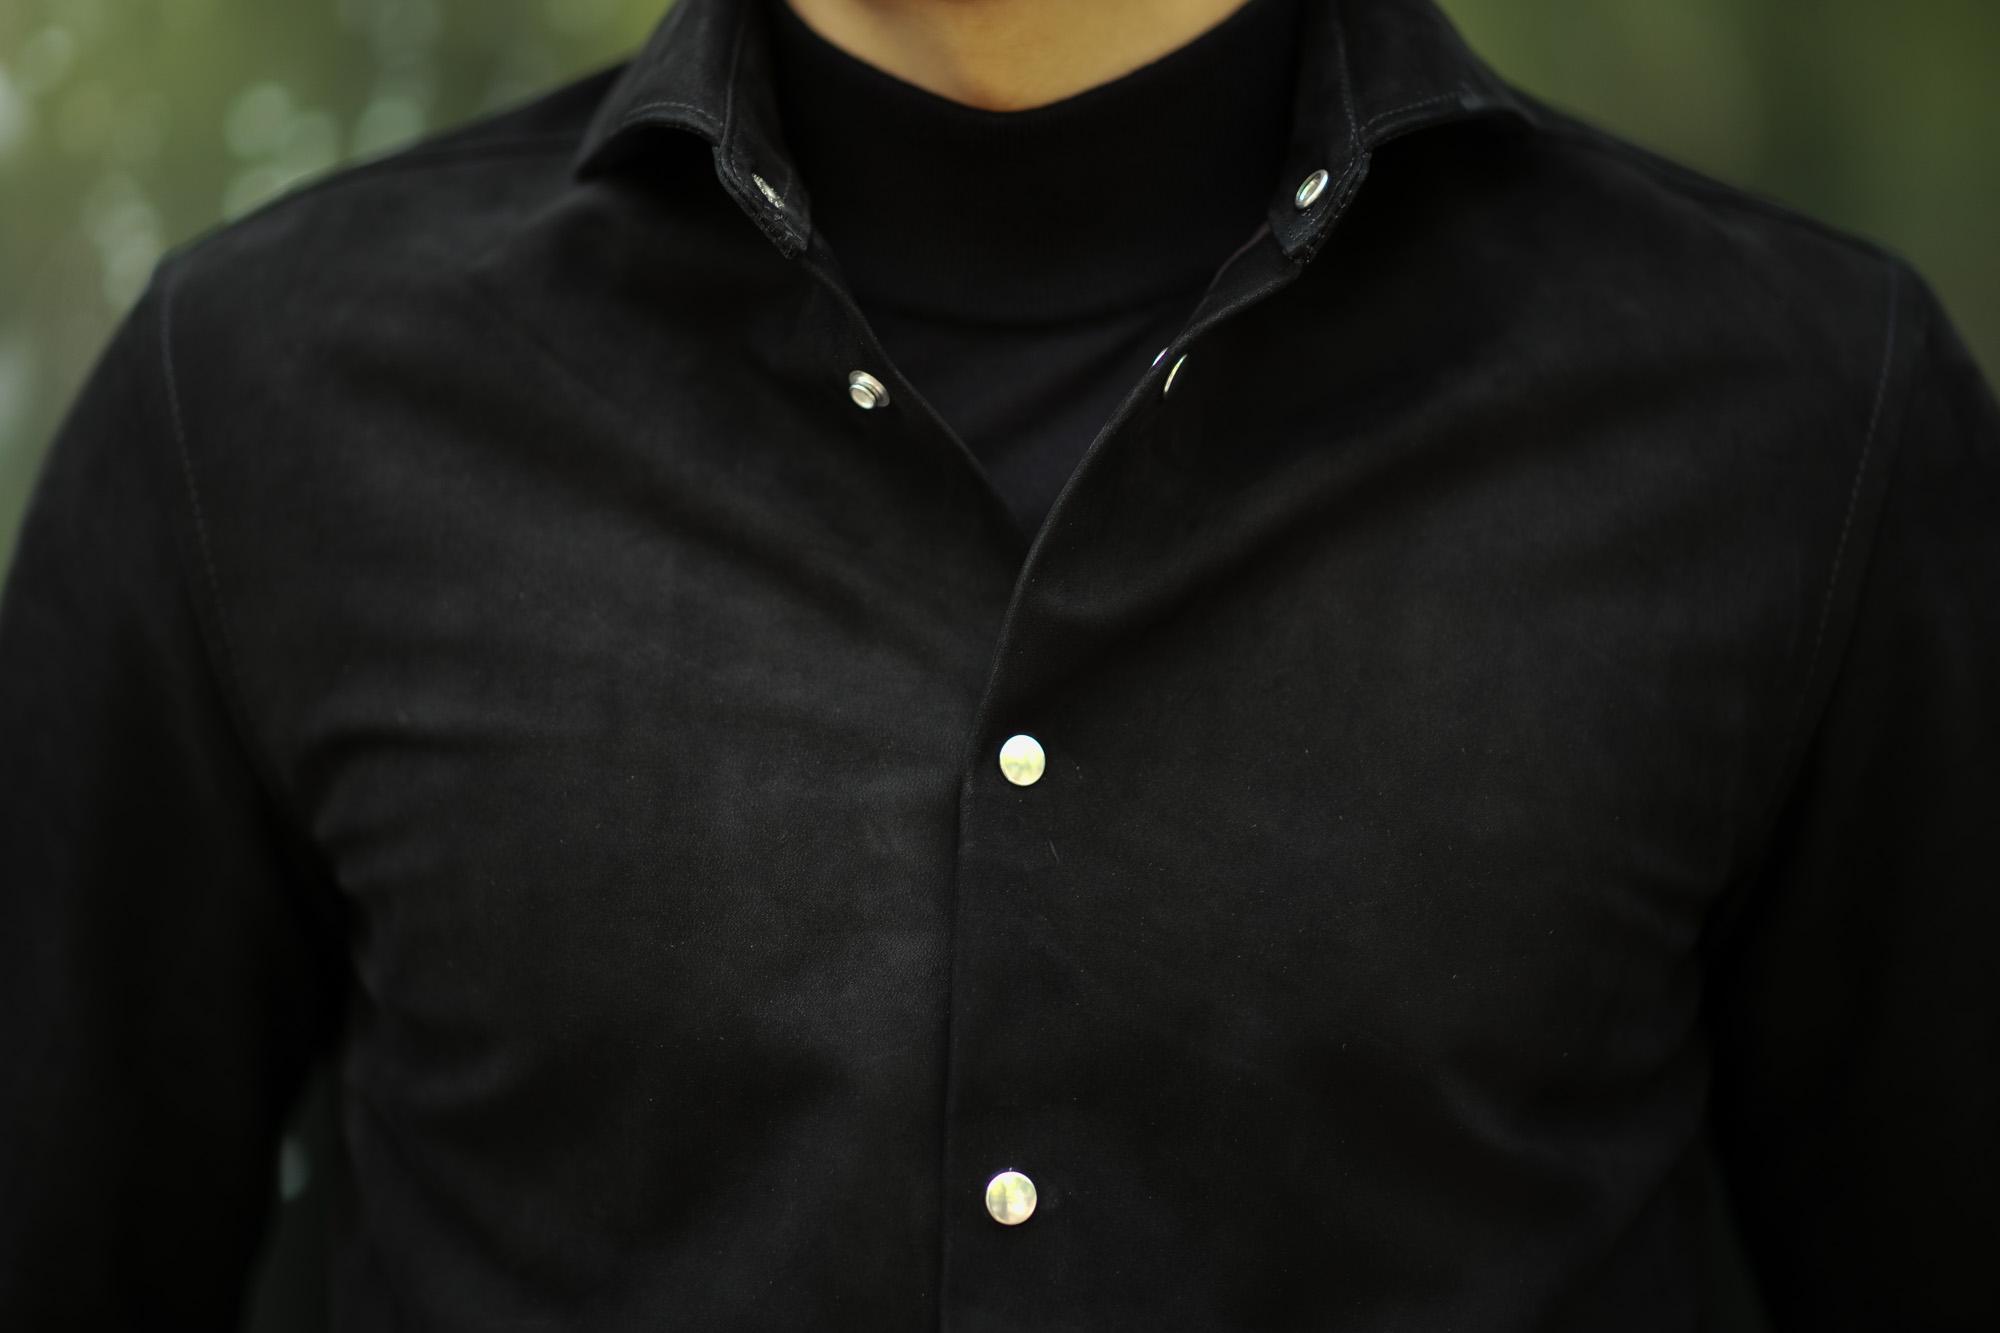 cuervo bopoha(クエルボ ヴァローナ) Satisfaction Leather Collection (サティスファクション レザー コレクション) Noel (ノエル) COW HIDE NUBUCK カウハイド ヌバック レザーシャツ BLACK (ブラック) MADE IN JAPAN (日本製) 2019 秋冬新作 愛知 名古屋 altoediritto アルトエデリット